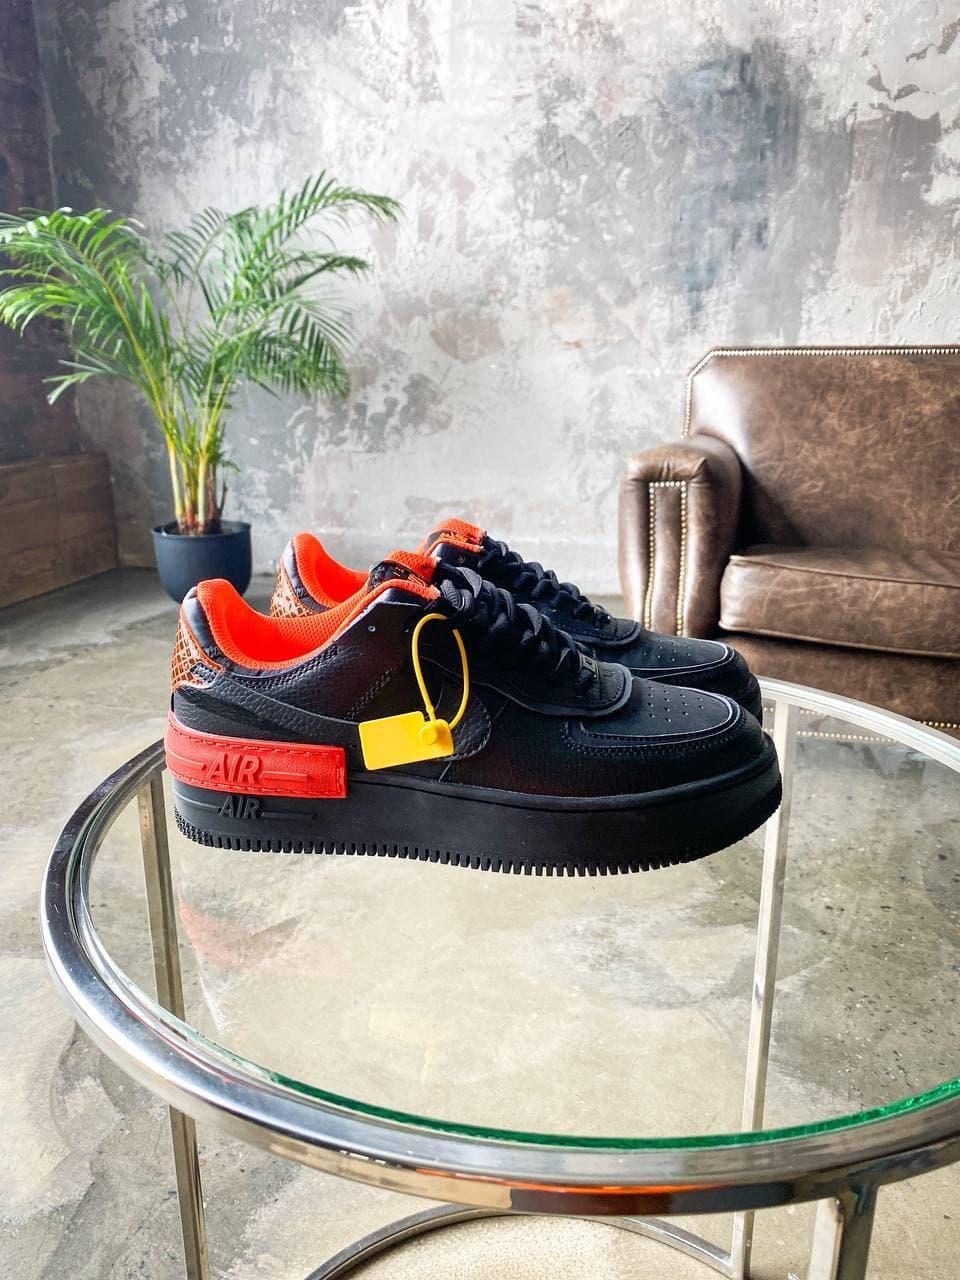 Чоловічі кросівки Nike AF1 Shadow (чорно помаранчеві) K3308 повсякденні світлі кроси